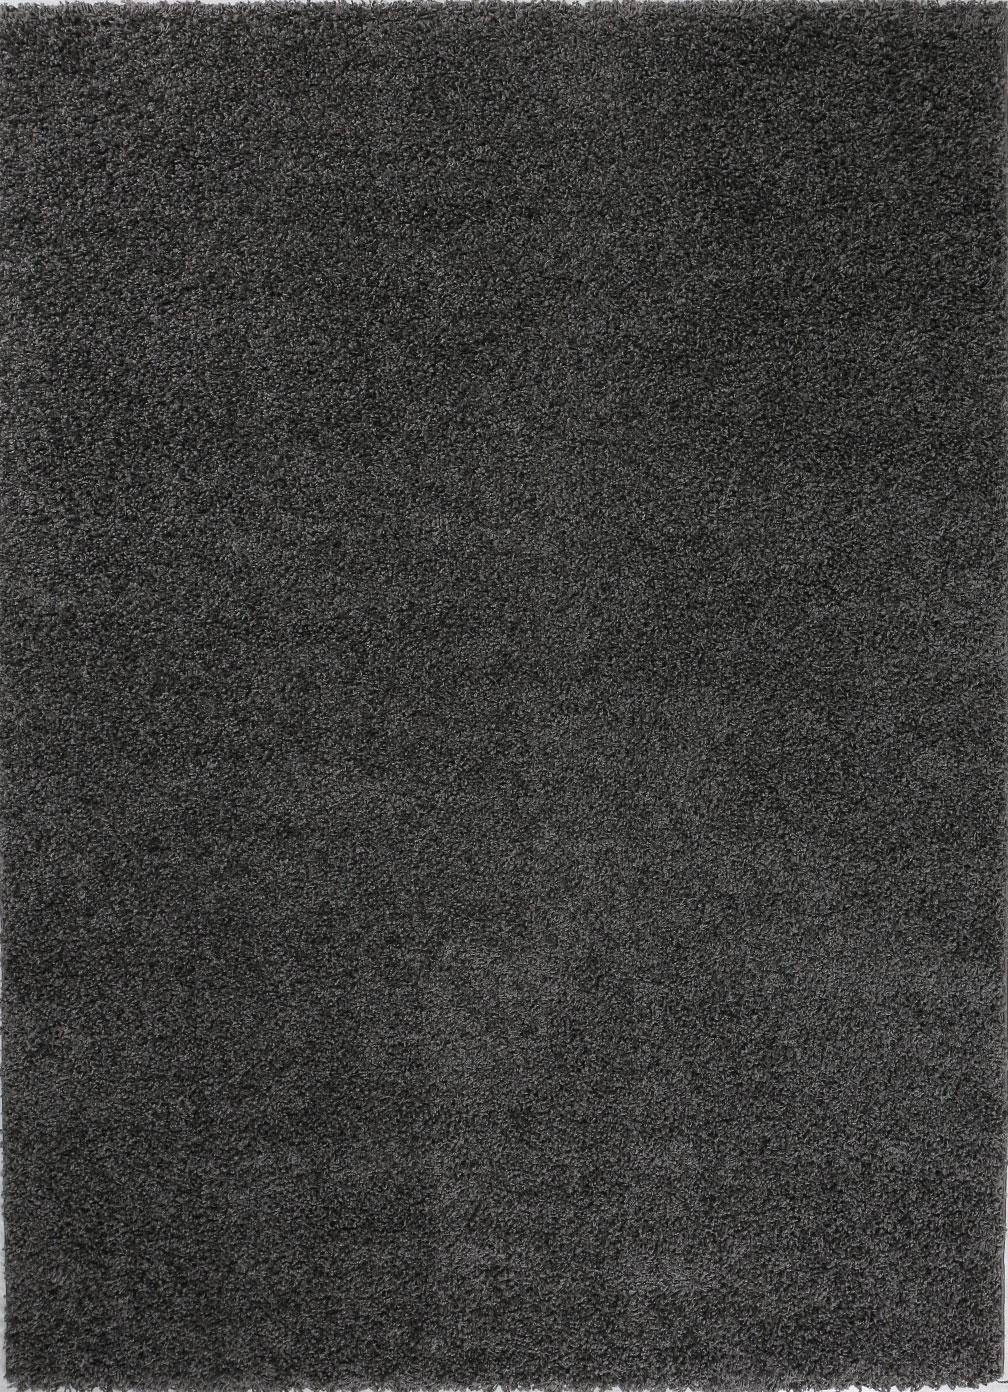 Full Size of Details Zu Teppich Hochflor Shaggy Teppiche Langflor Anthrazit Wohnzimmer Pflegeleicht Neu Anbauwand Deckenleuchten Lampen Stehlampen Schrankwand Moderne Wohnzimmer Wohnzimmer Teppiche